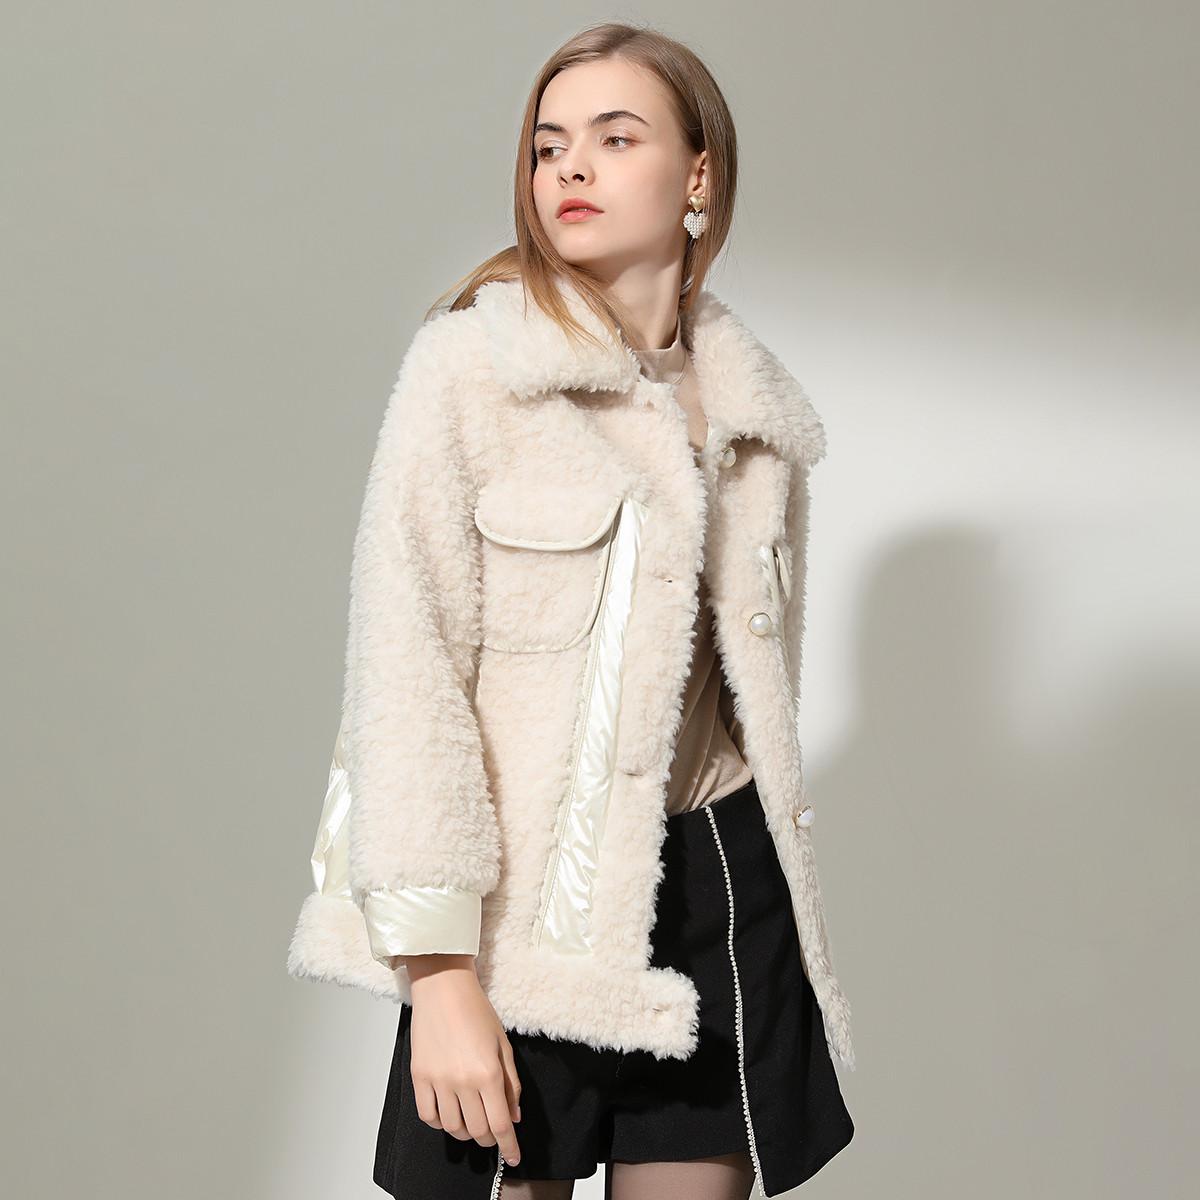 今典女款简约翻领优雅珍珠扣100%羊毛颗粒绒复合皮毛一体皮草外套597179610